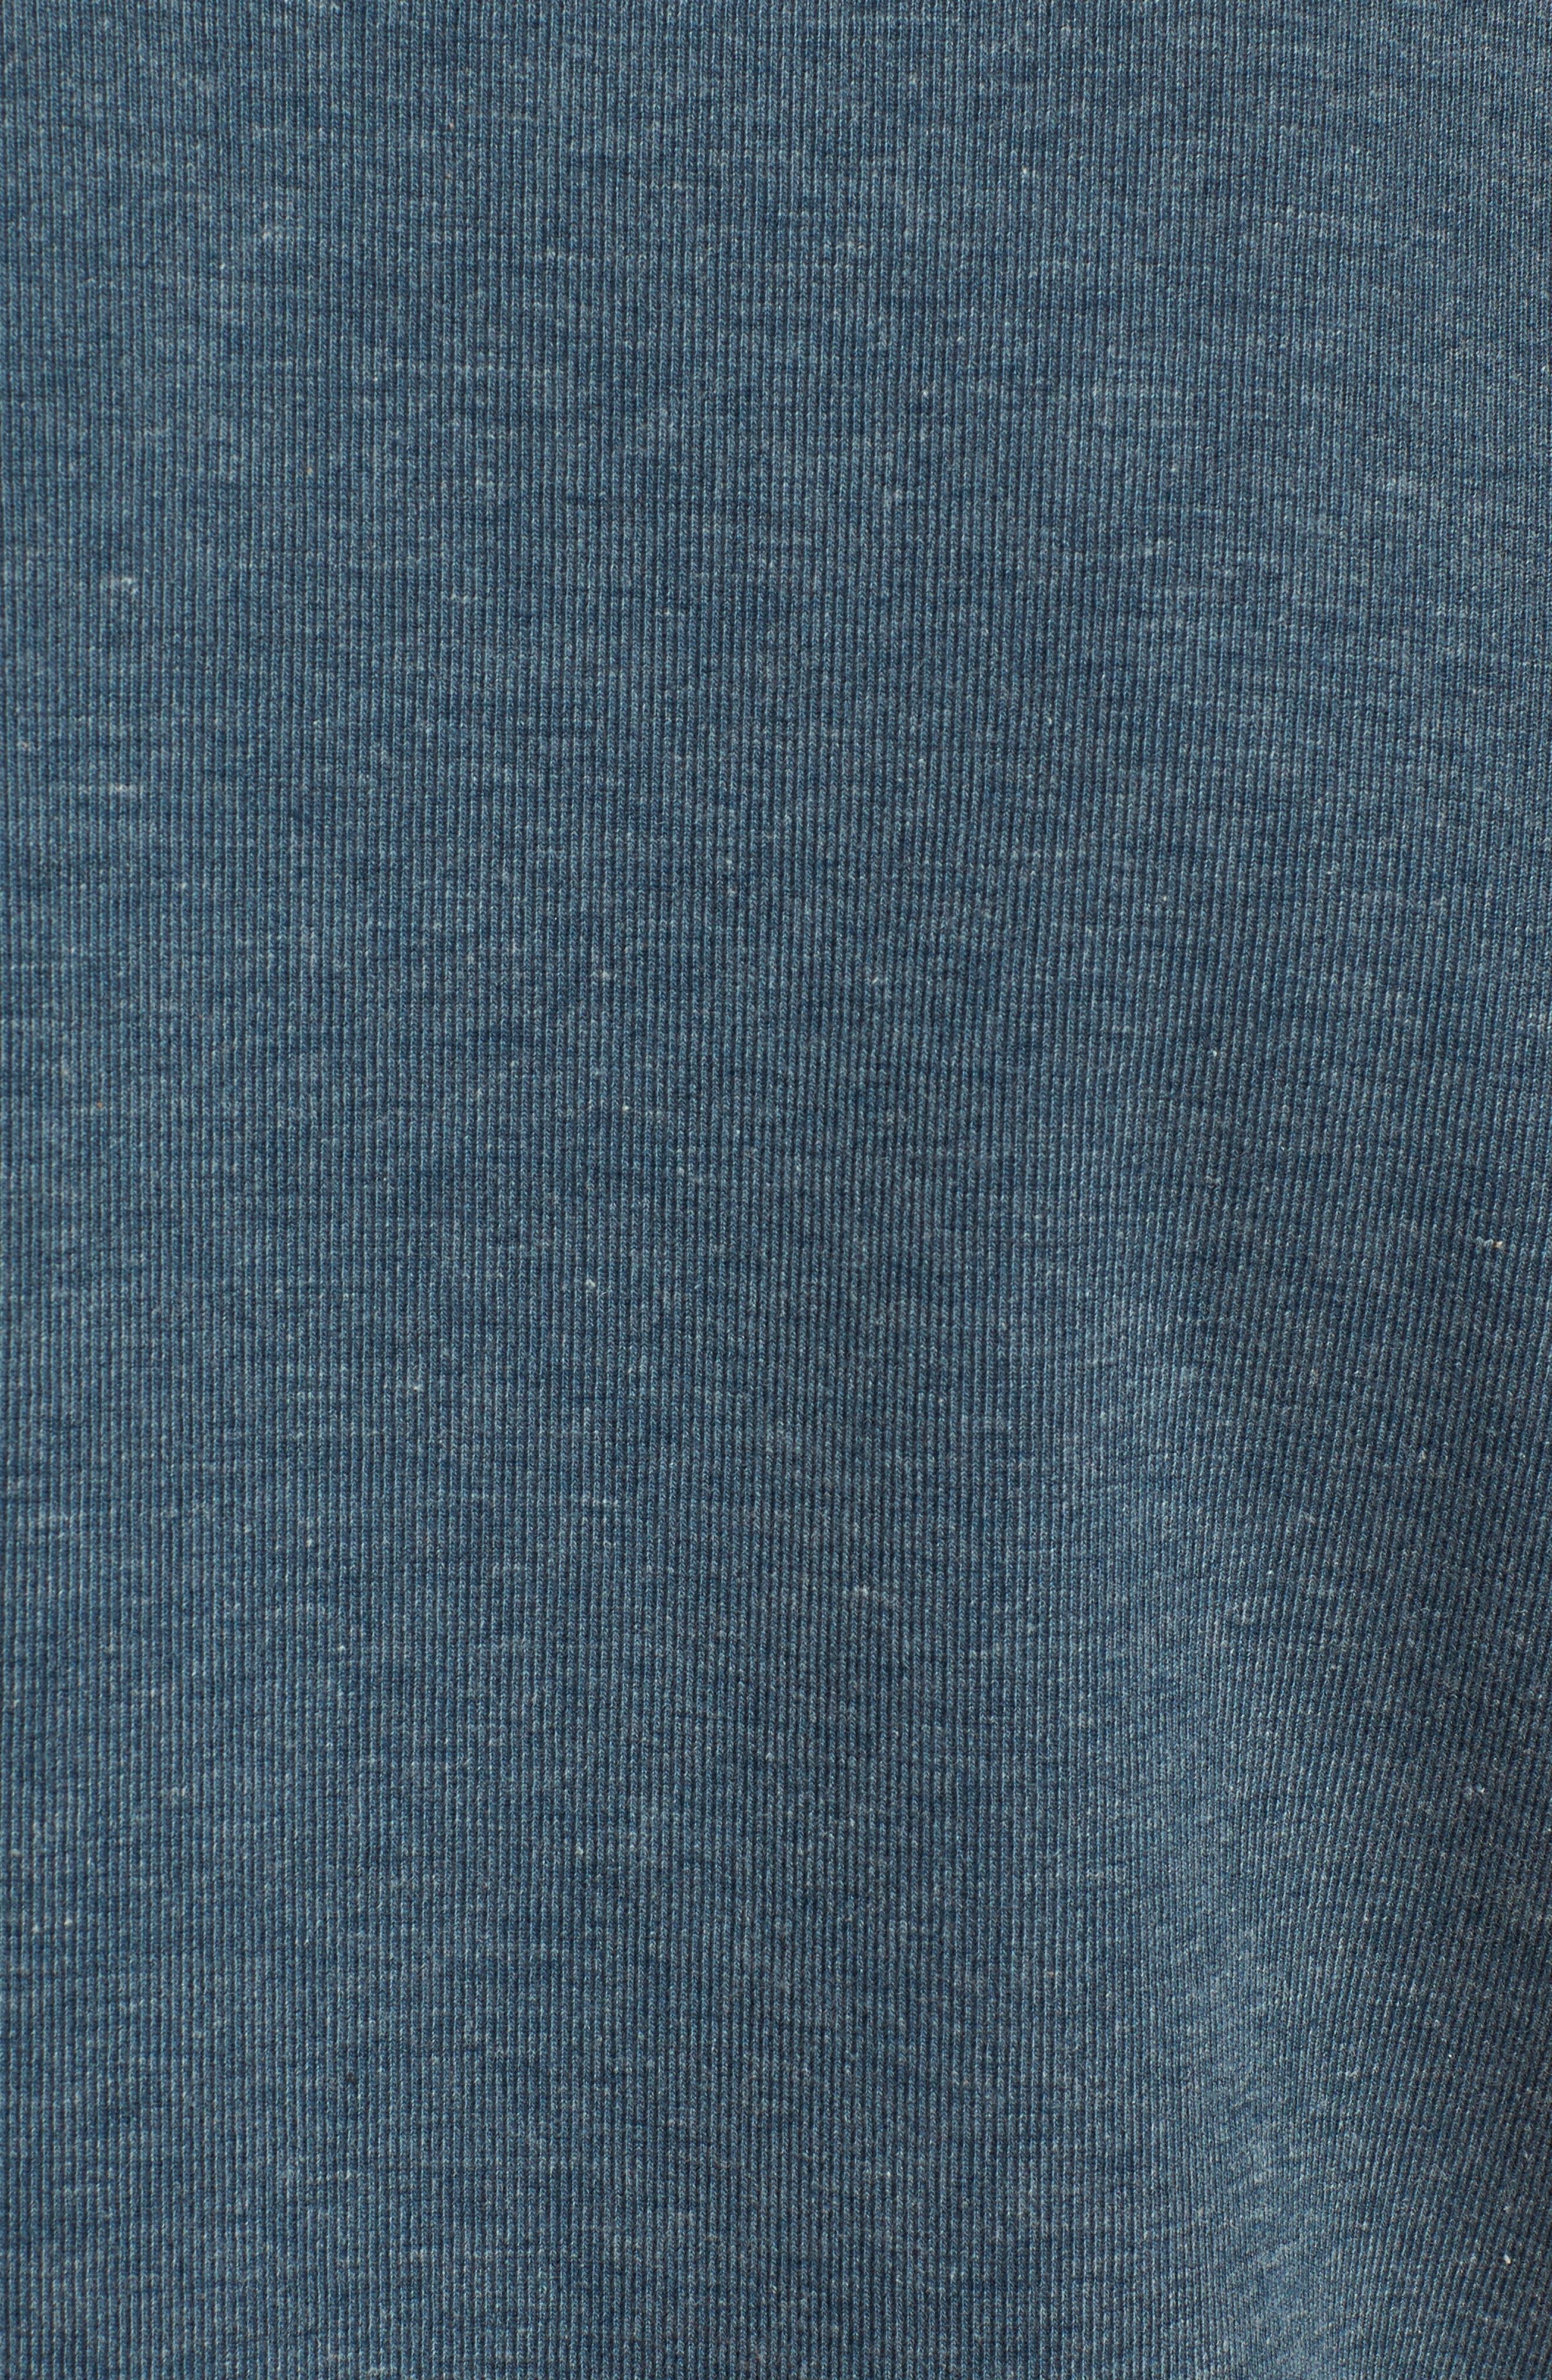 Onyx T-Shirt,                             Alternate thumbnail 5, color,